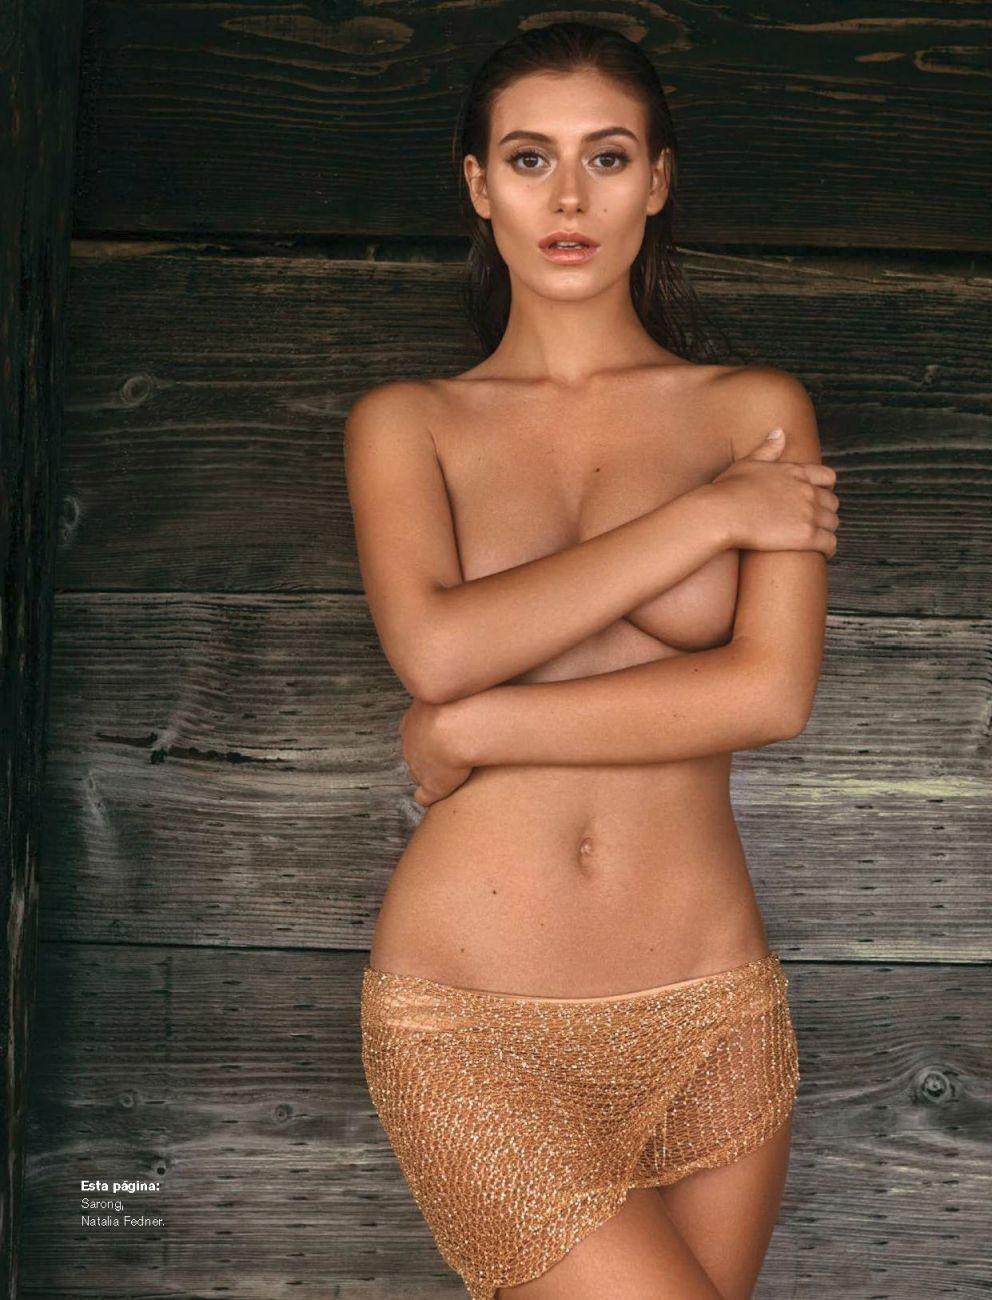 Alejandra Porno alejandra guilmant posa desnuda en estas fotos calientes!